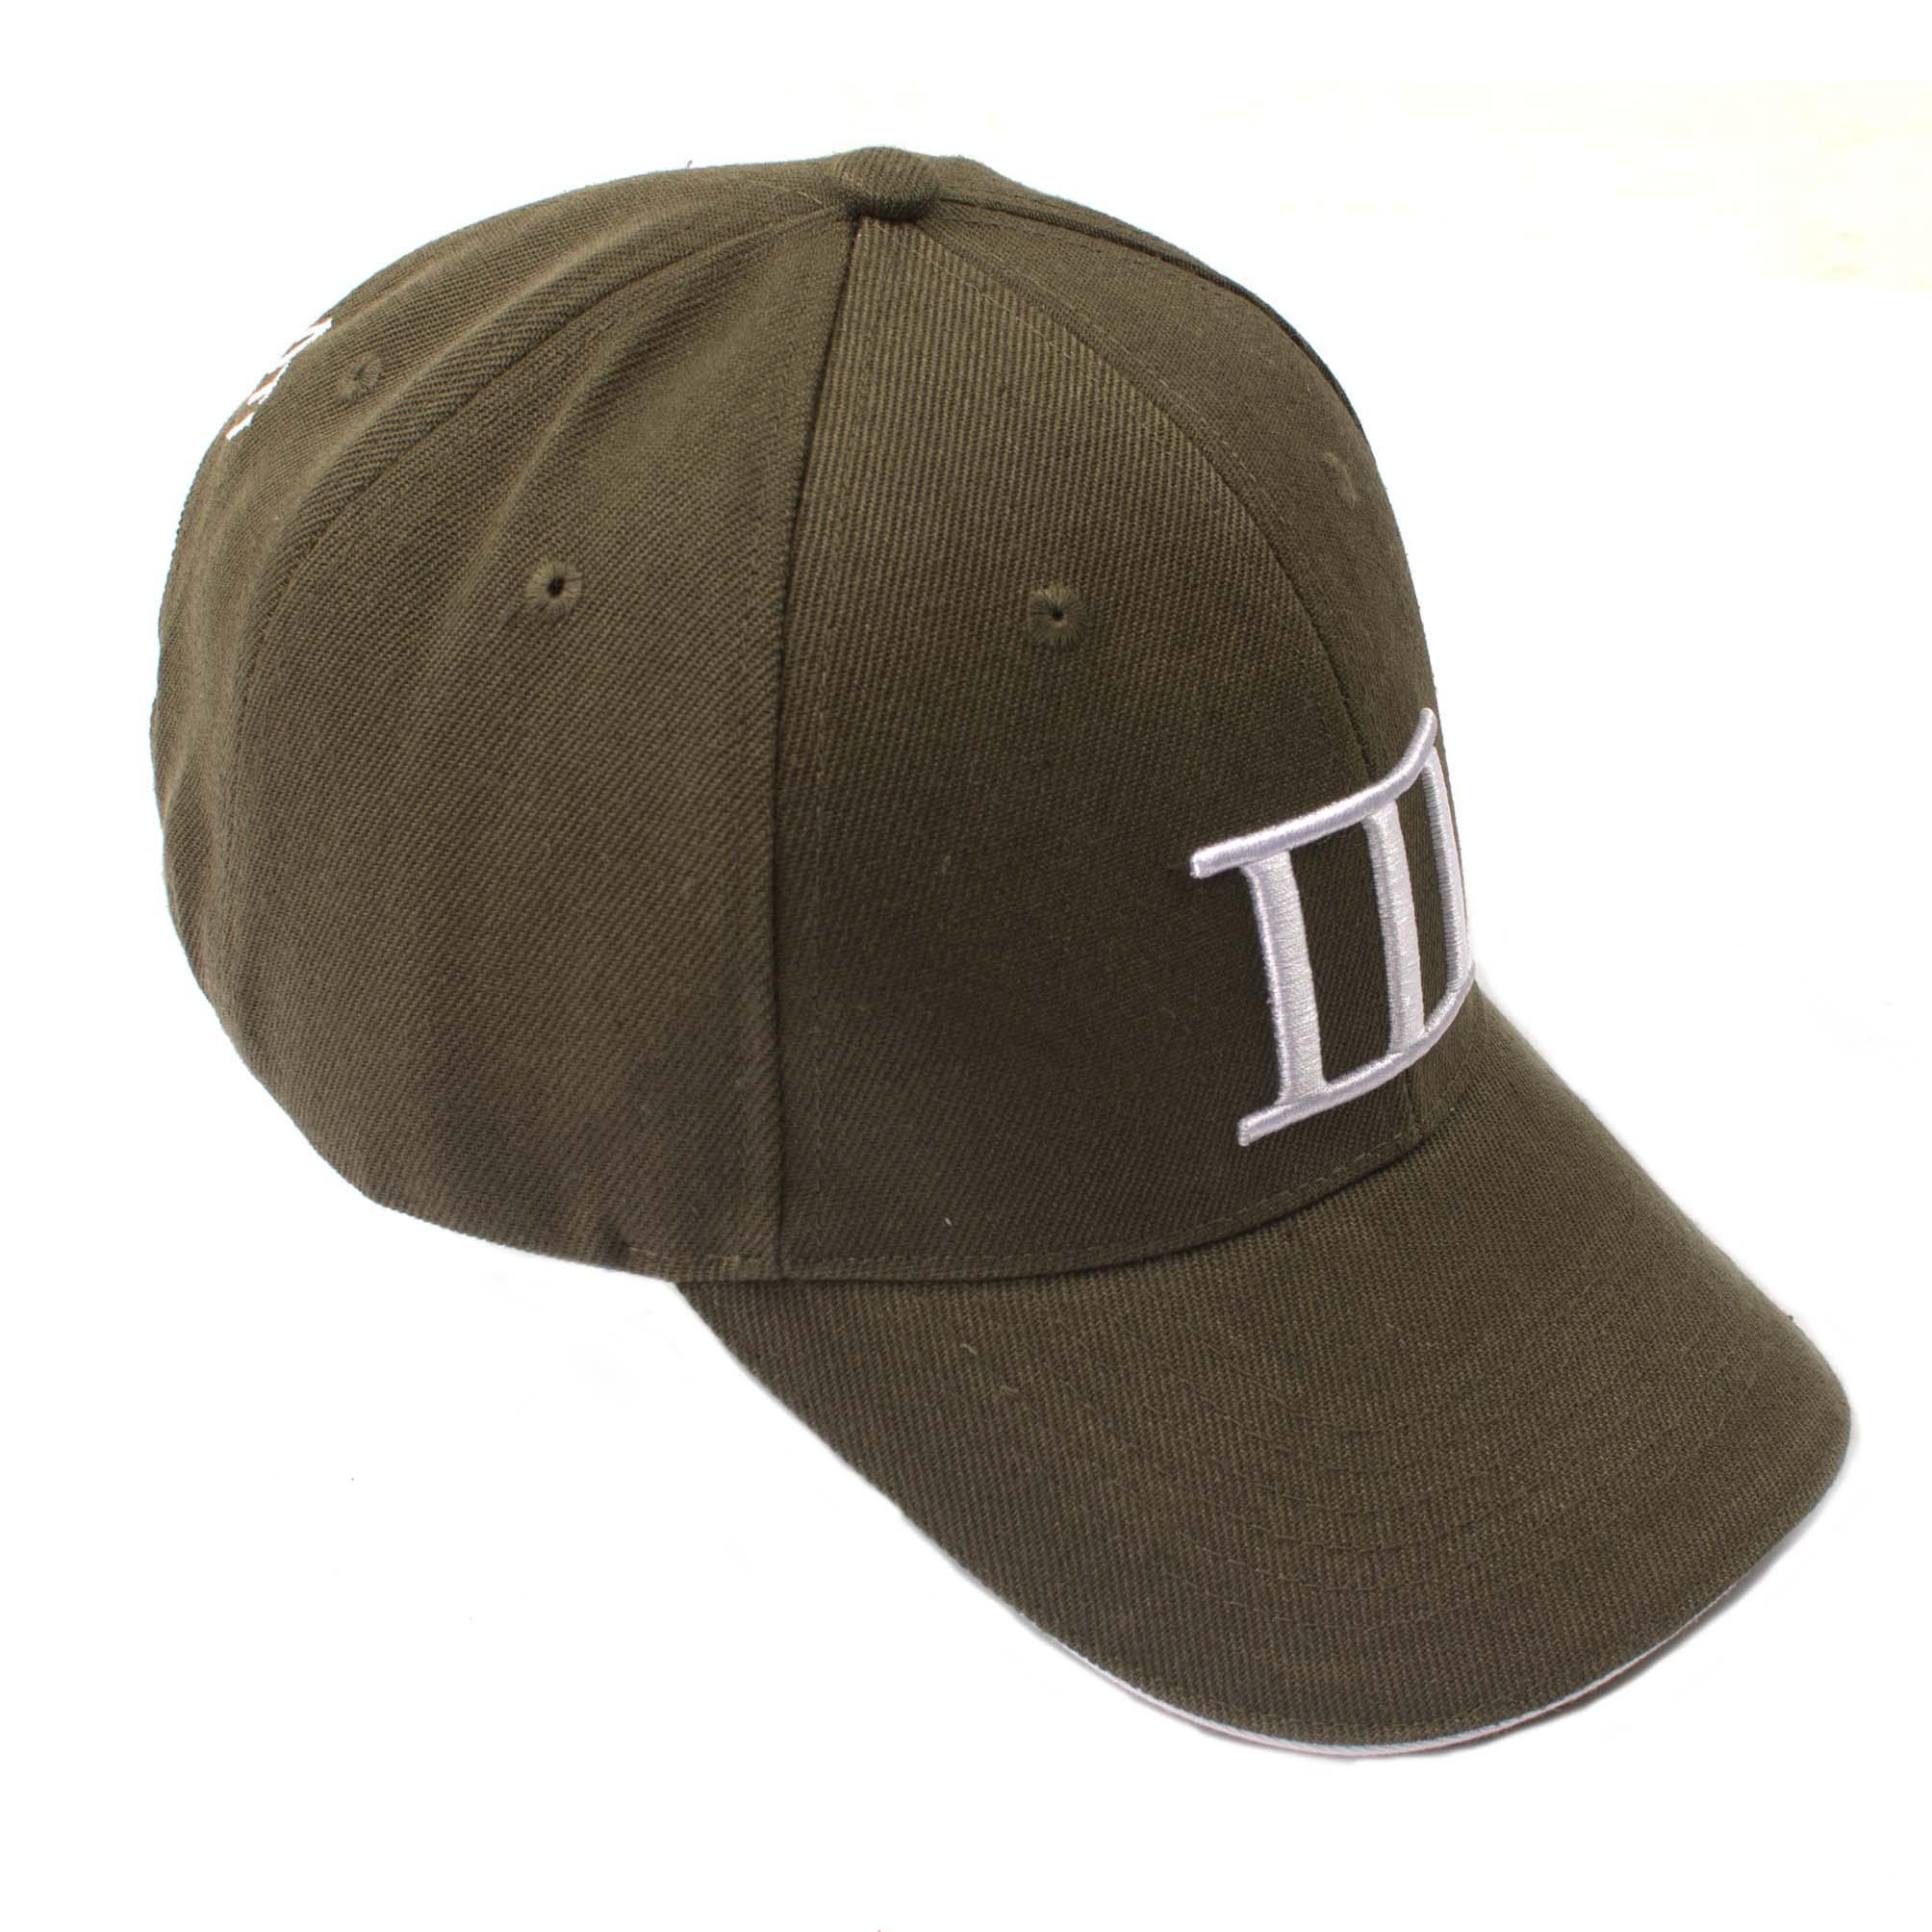 Army green Tresanti cap